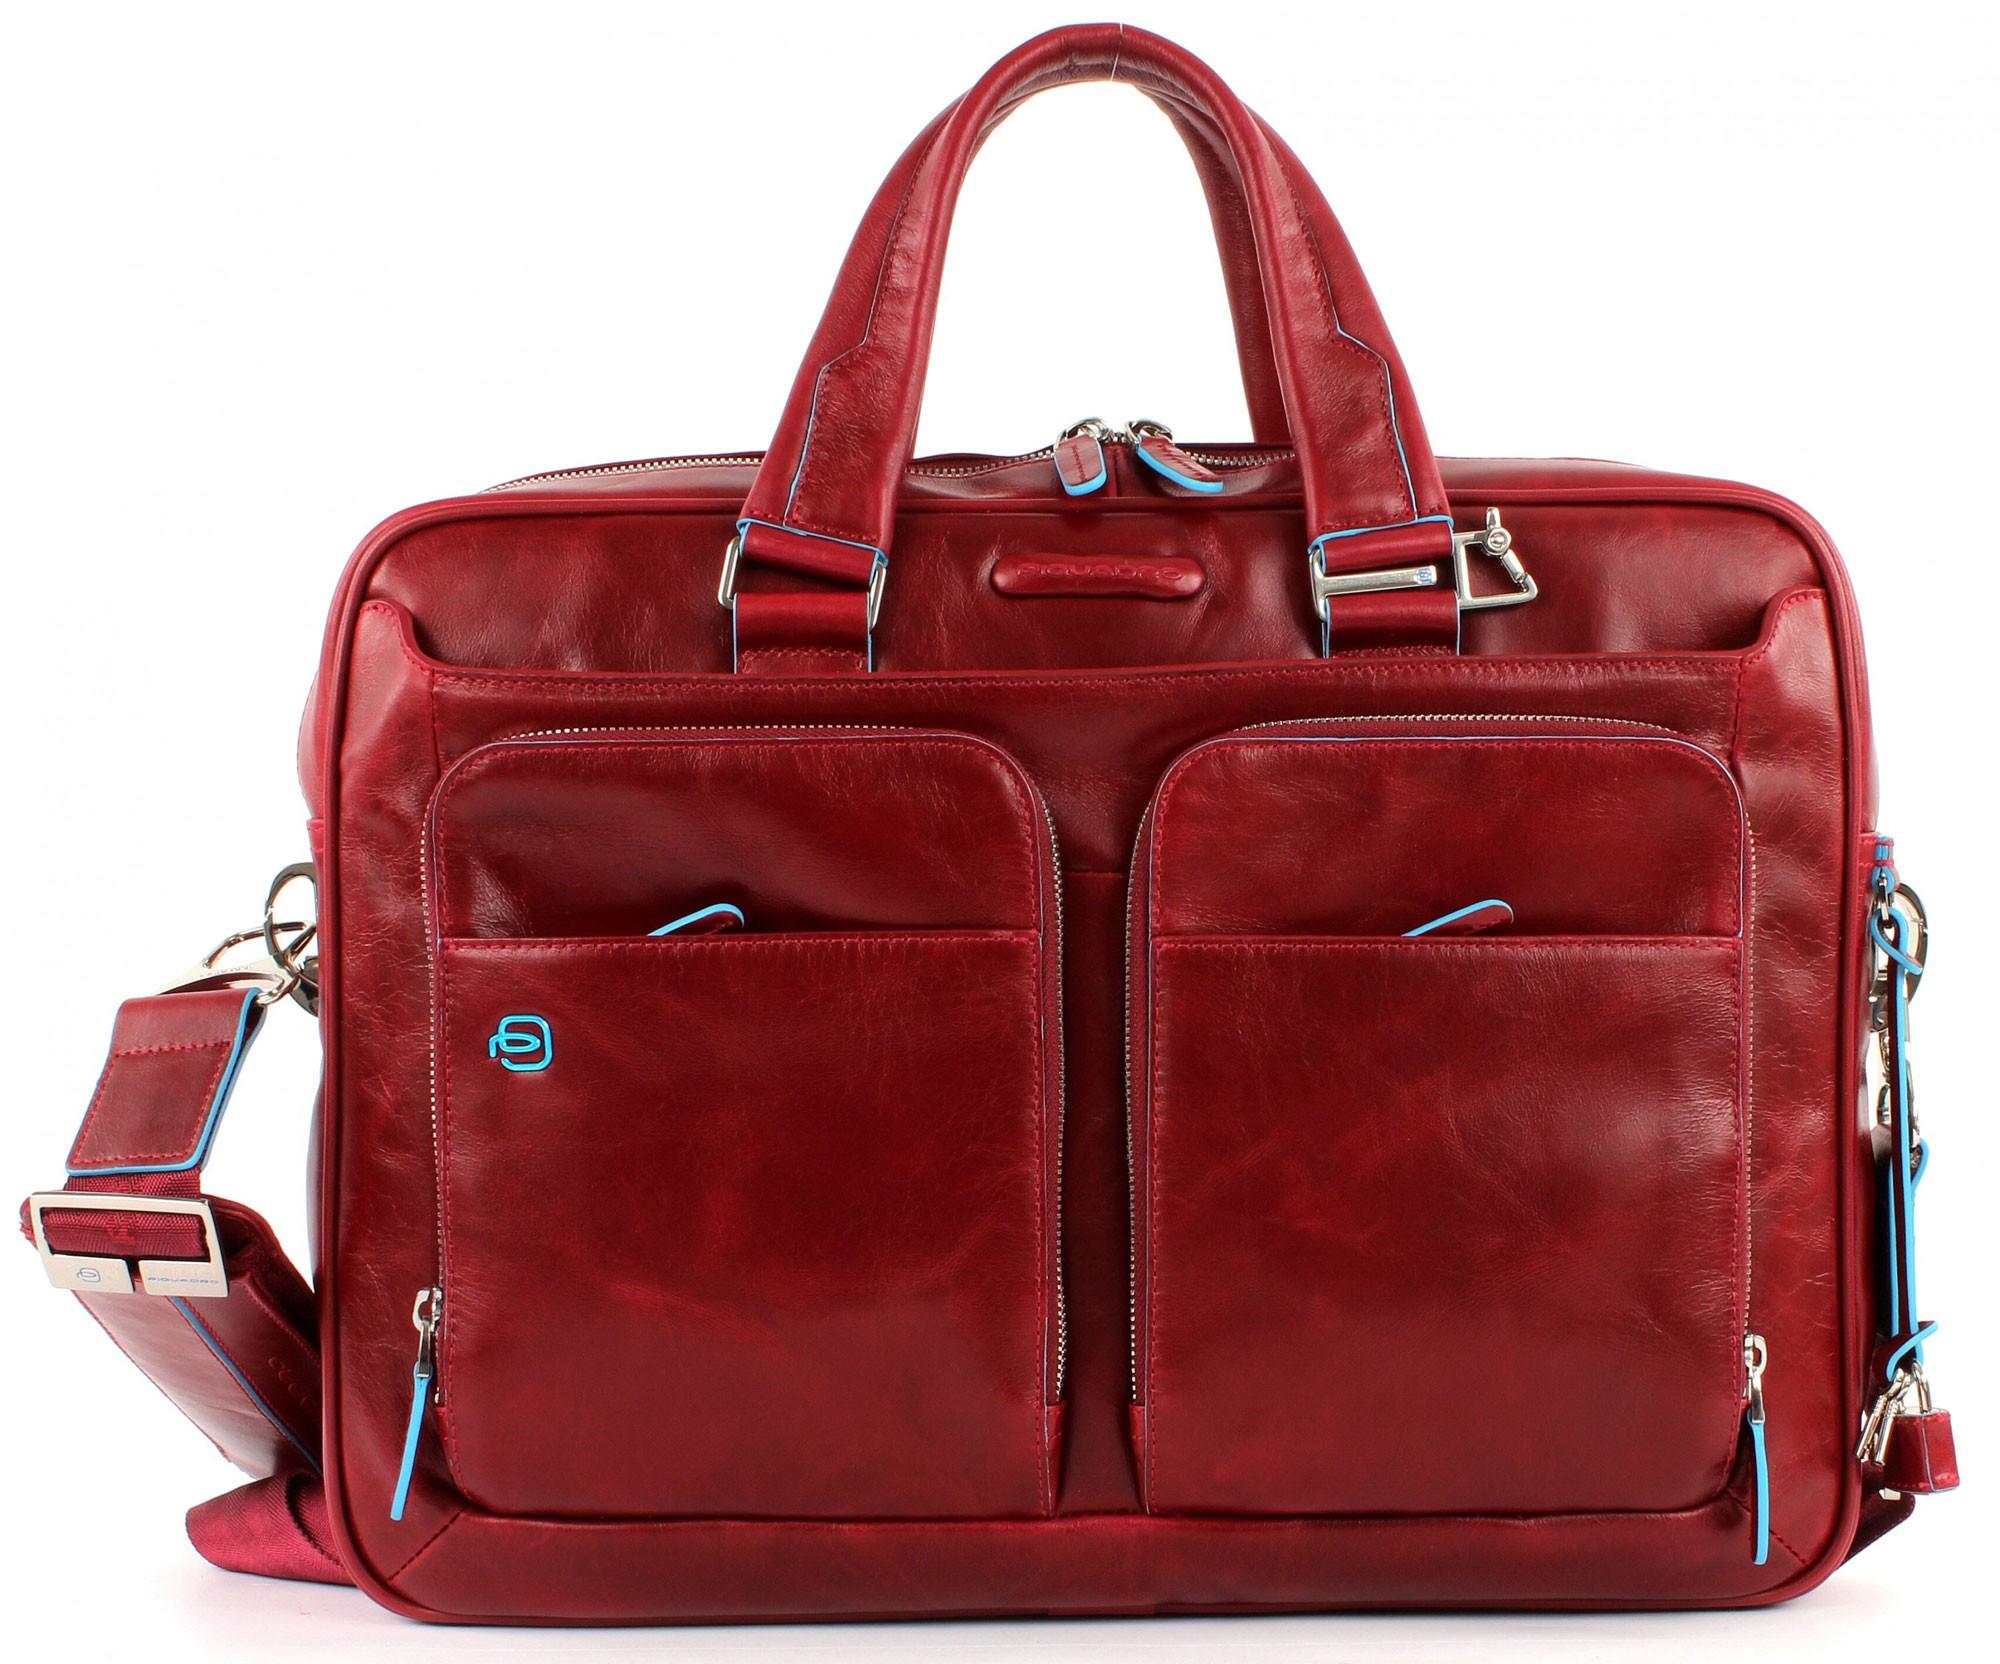 a64eb27f0fc6 Мужская красная сумка для ноутбука Piquadro Blue Square | Подарки.ру